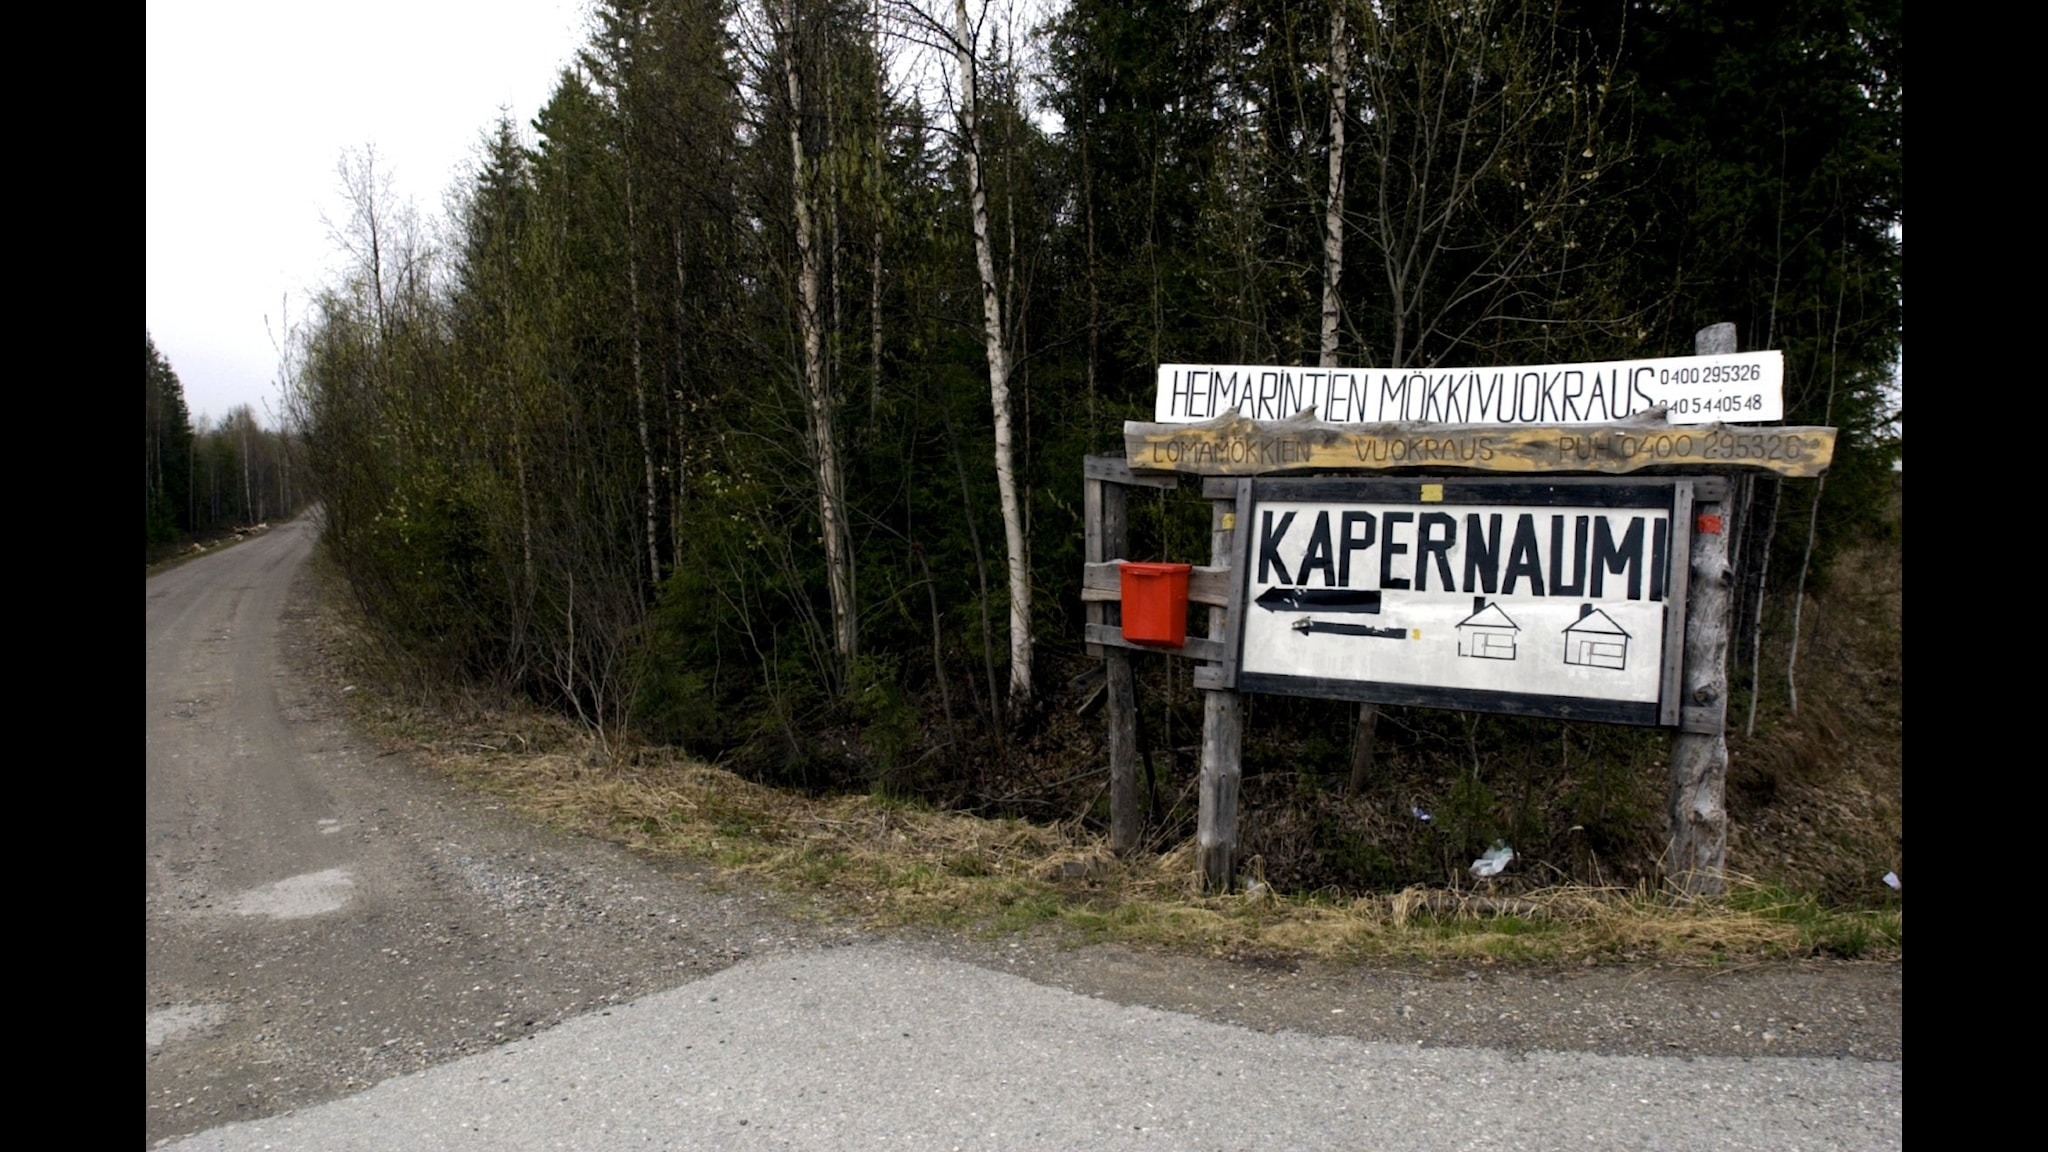 Sex Samlevnadsrådgivning Norrbottens Län Norrbottens Län Norrbotten Län